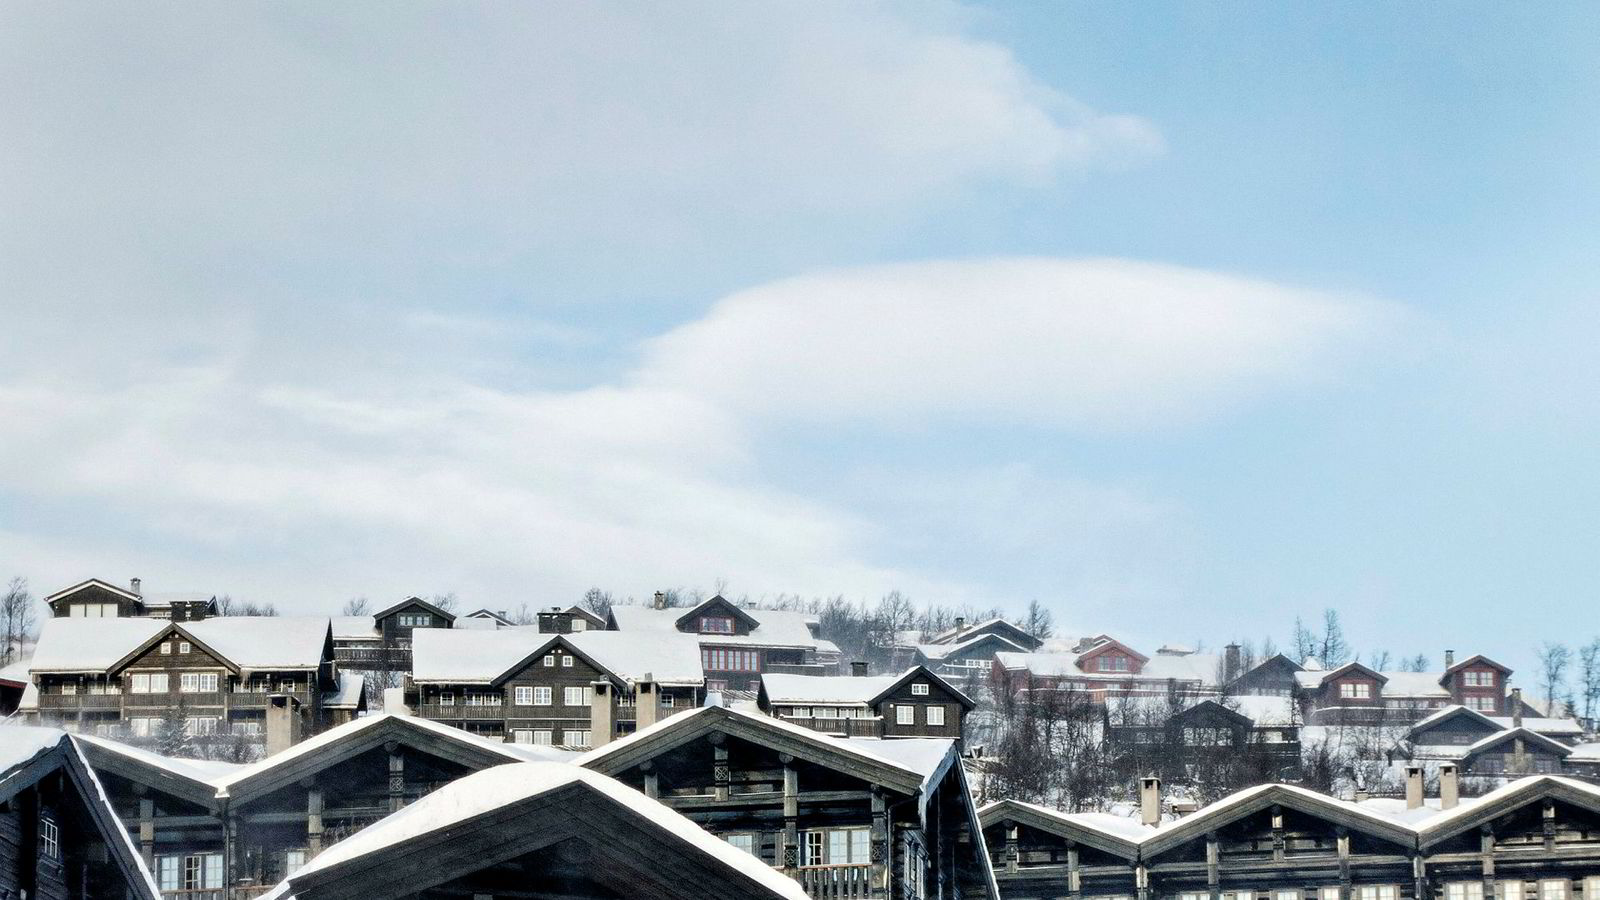 I utgangspunktet er Beitostølen et vakkert fjellområde med potensial til å bli et moderne Røros. Istedet er det blitt et sted der det eneste fellesområdet er parkeringsplassen, mener artikkelforfatteren.